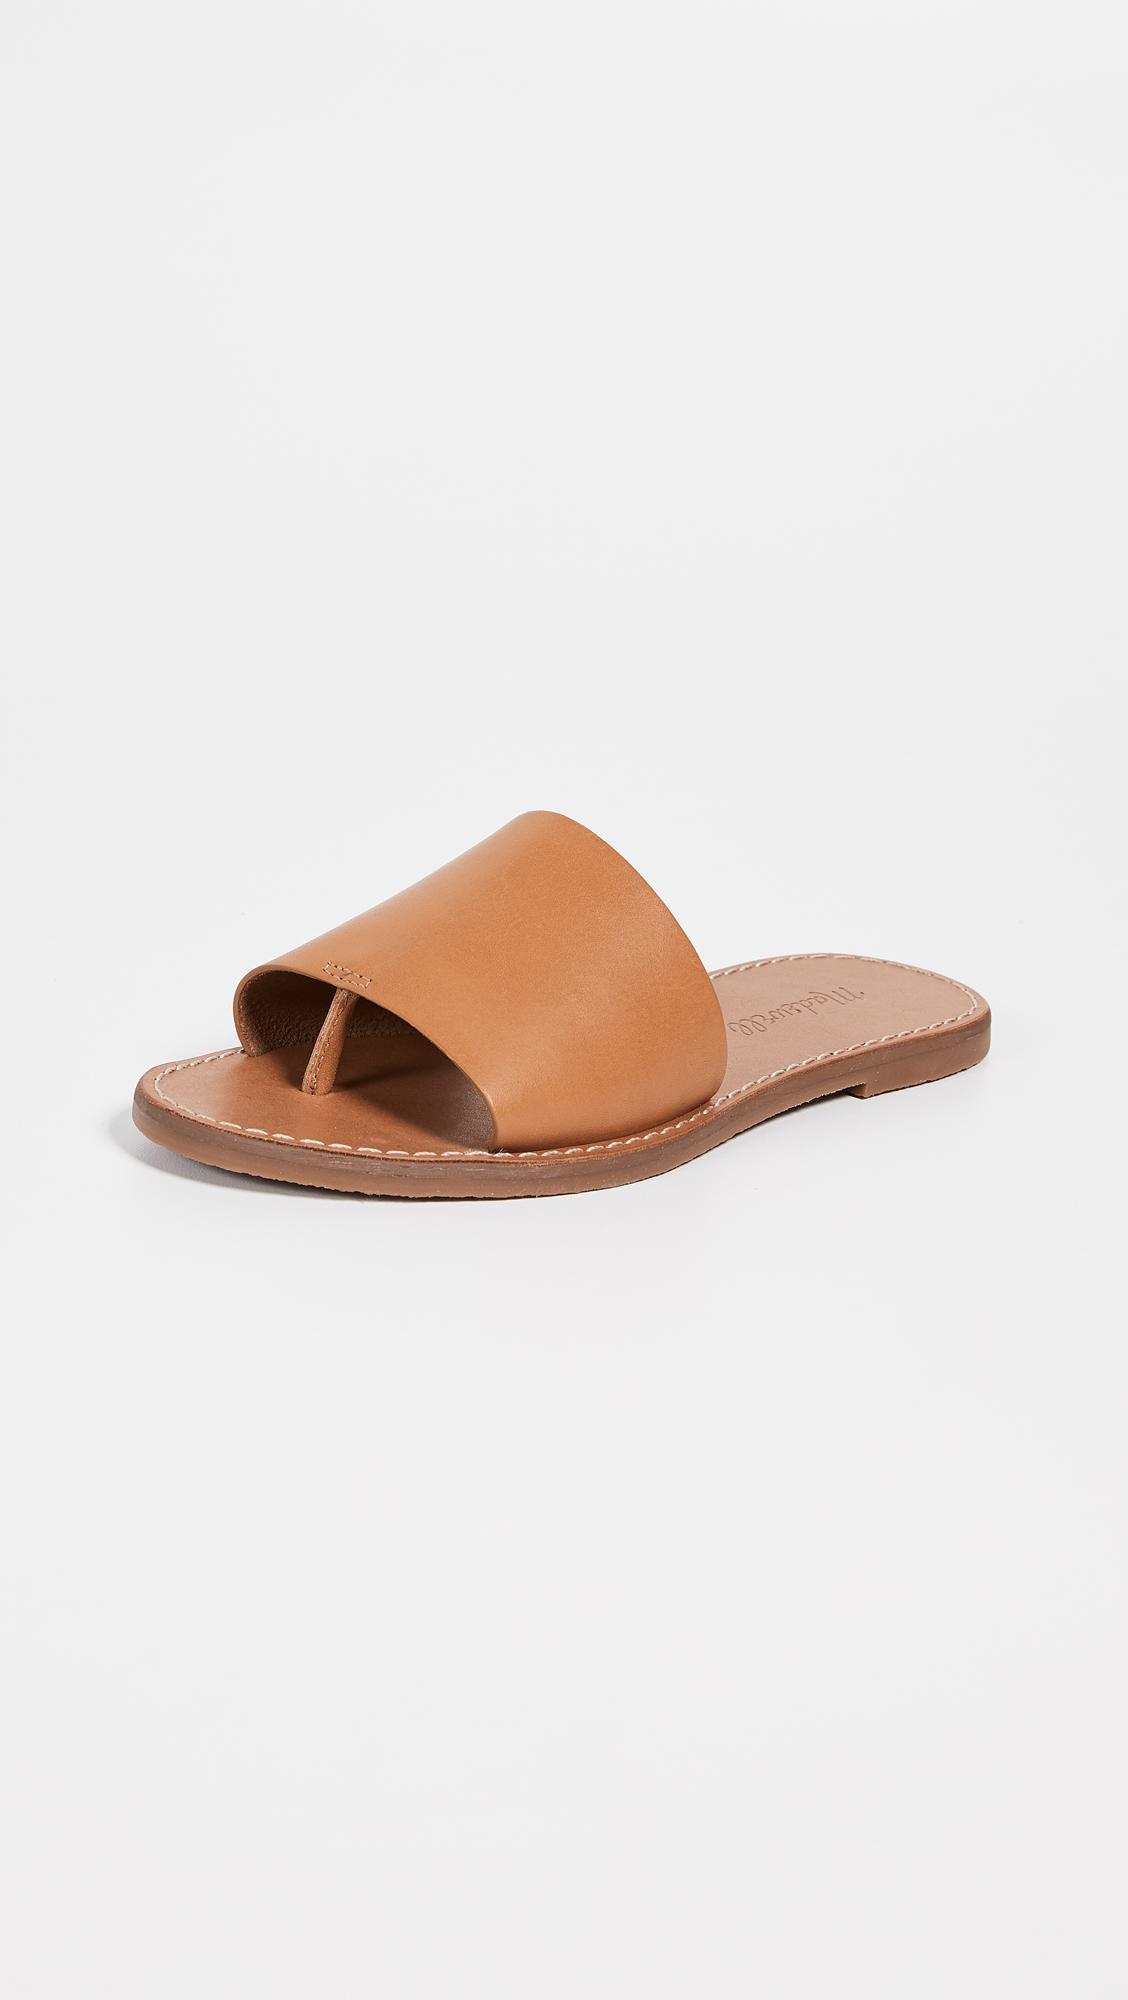 45c09b6c4e02 Madewell. Women s The Boardwalk Post Slide Sandals